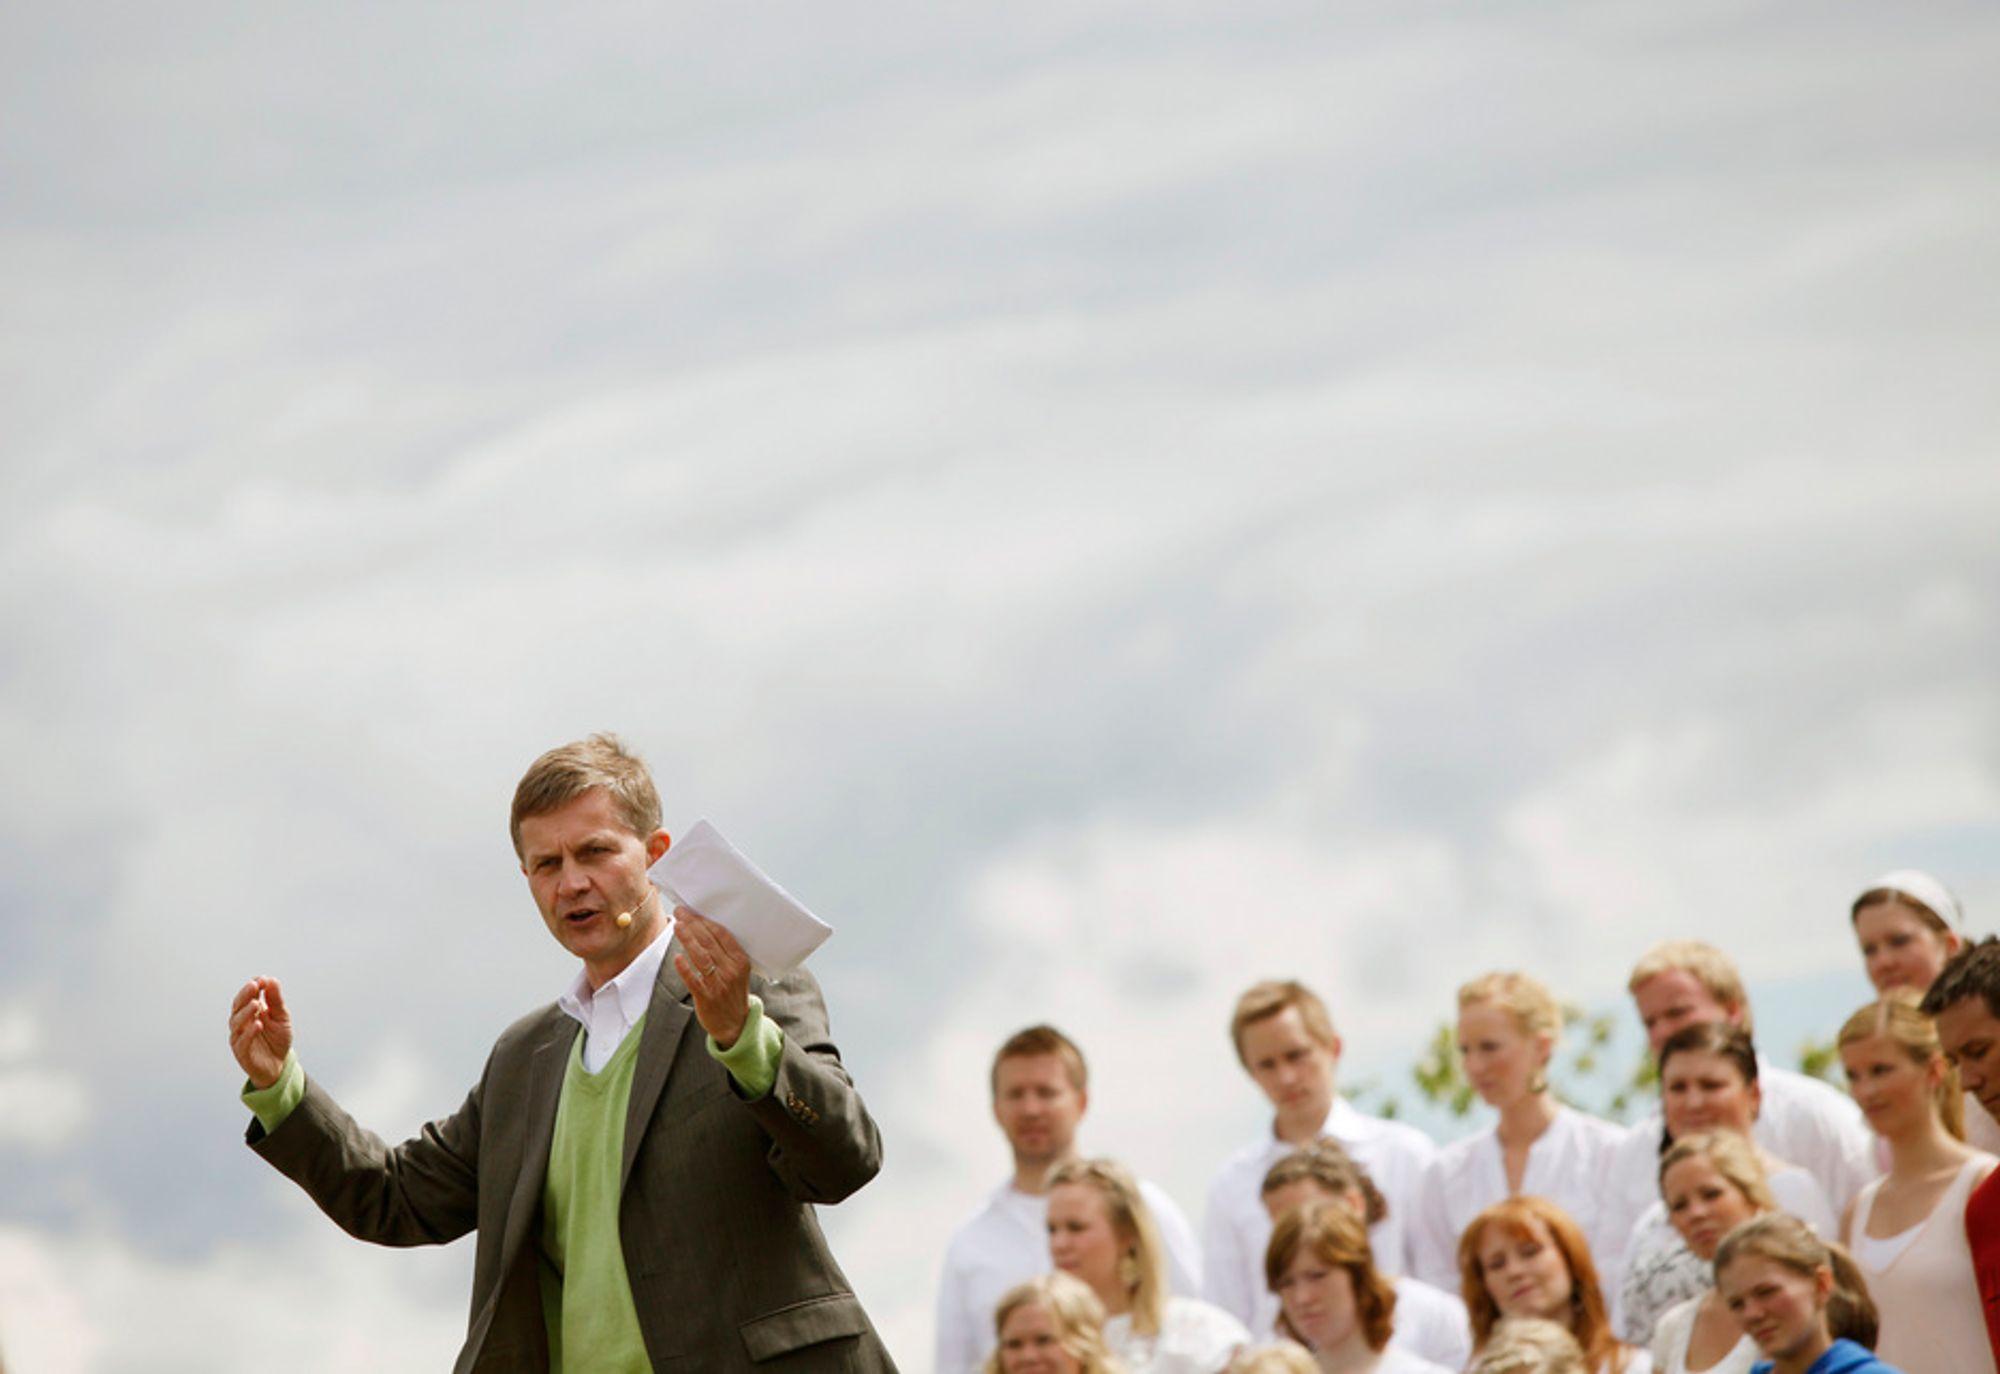 BIBELSK UTFORDRING: Miljøvernminister Erik Solheim advarte om landeplager av bibelske proporsjoner da han deltok i en friluftsgudstjeneste i Maridalen søndag. Ildebrann og tørke kan ramme kloden som følge av klimaendringer, mener han. Store ord, mener Frp.